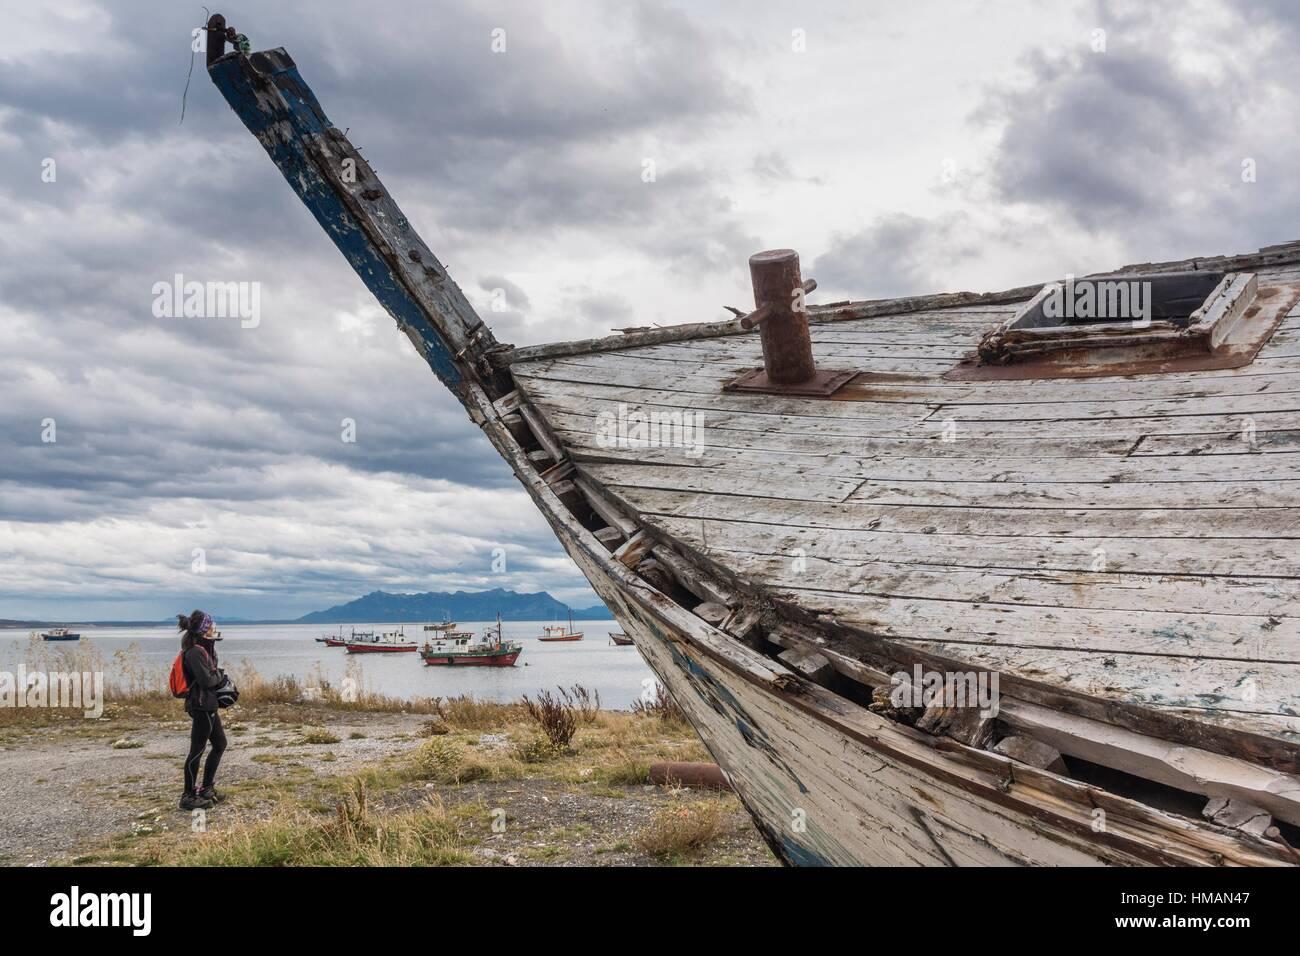 Puerto Natales, Región de Magallanes , Antártica Chilena, Patagonia, República de Chile,América - Stock Image